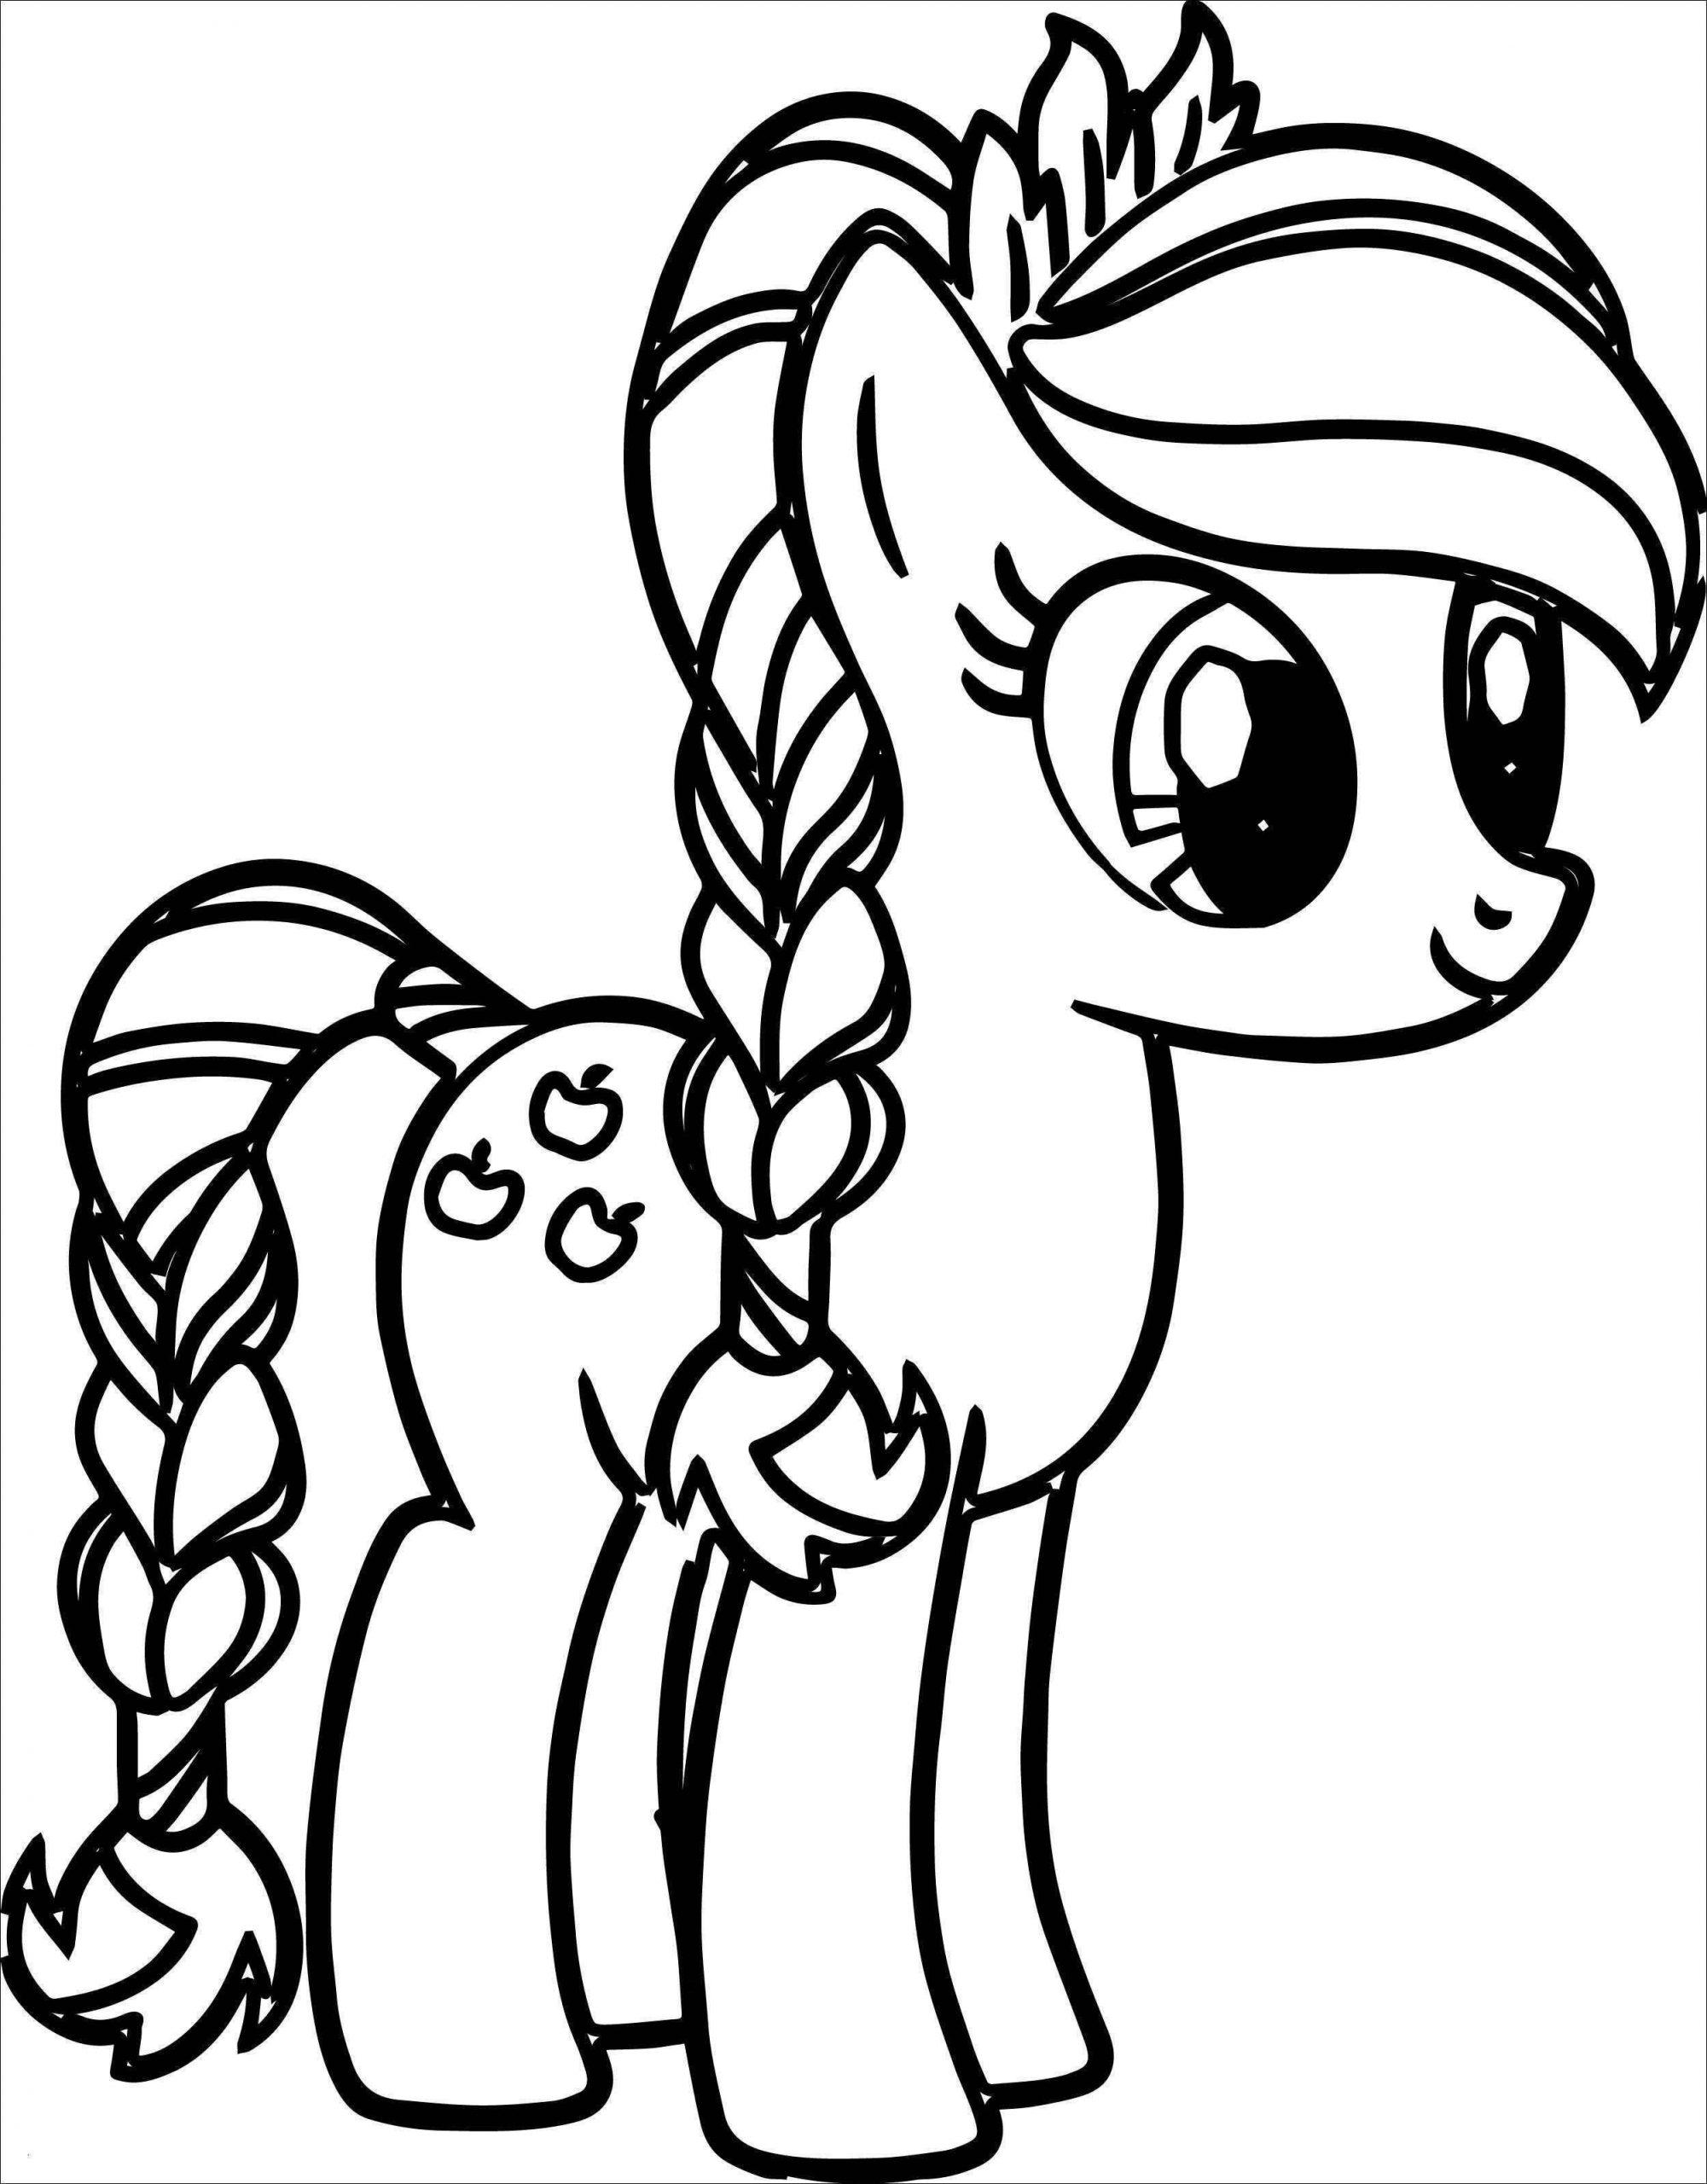 64 Luxus My Little Pony Ausmalbilder Zum Ausdrucken mit Bilder Zum Ausdrucken